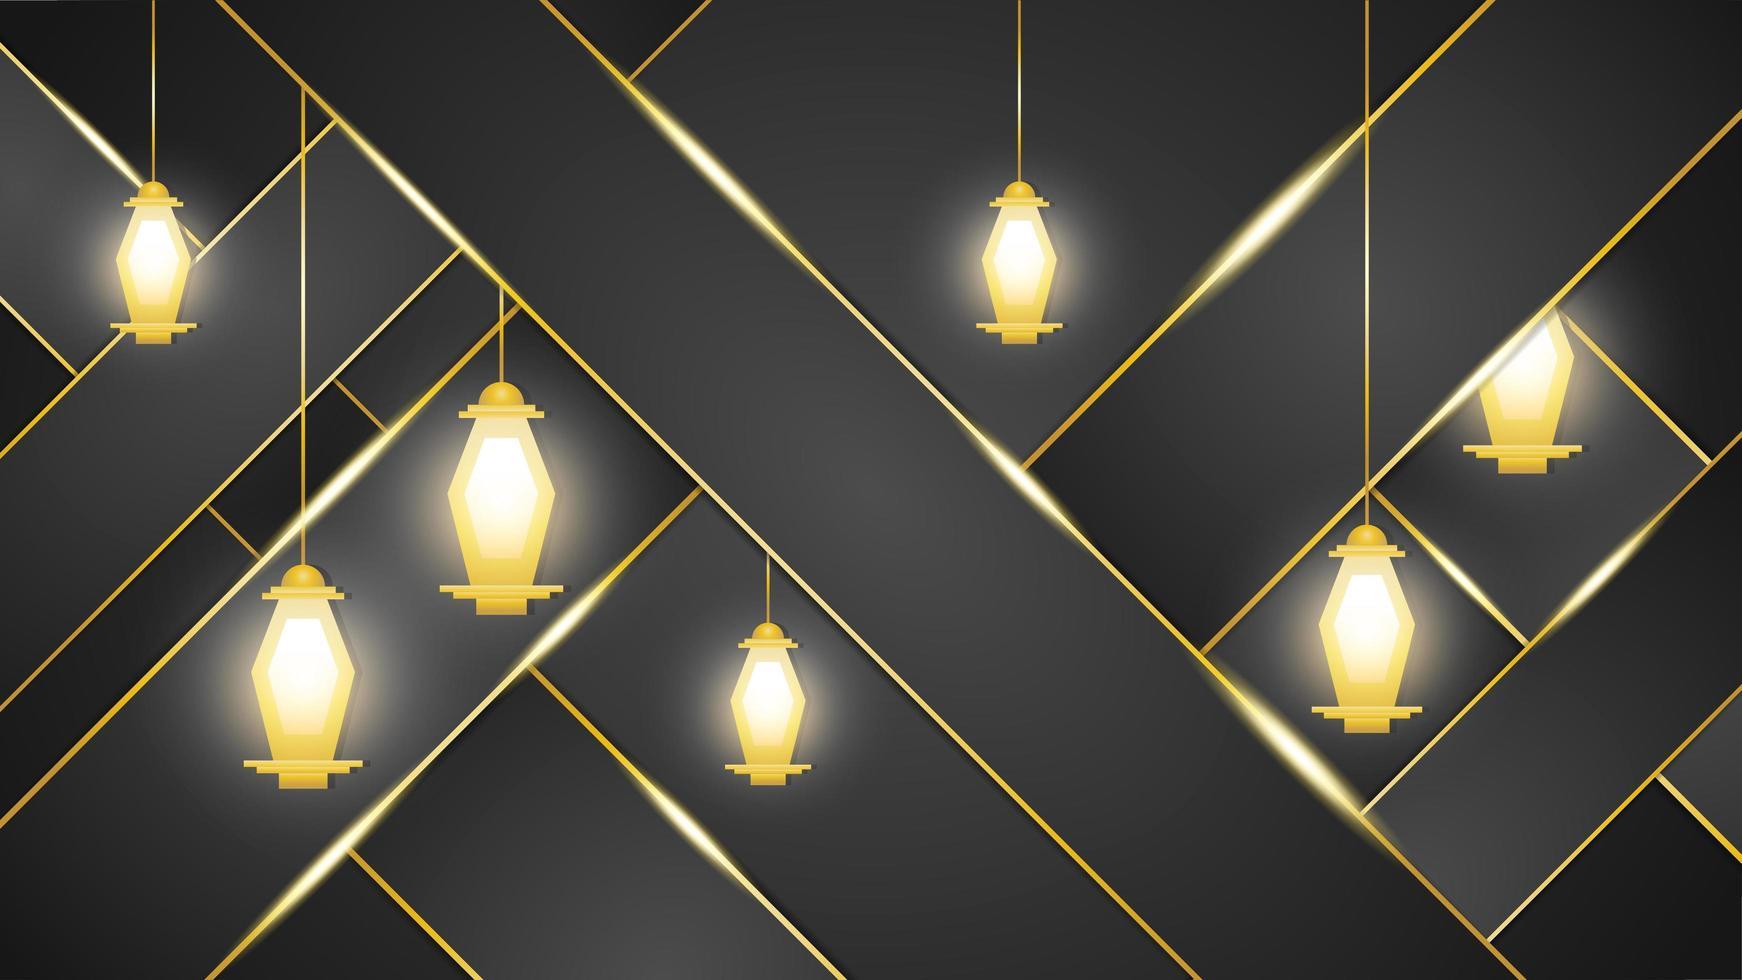 fond sombre avec des lanternes arabes dorées vecteur